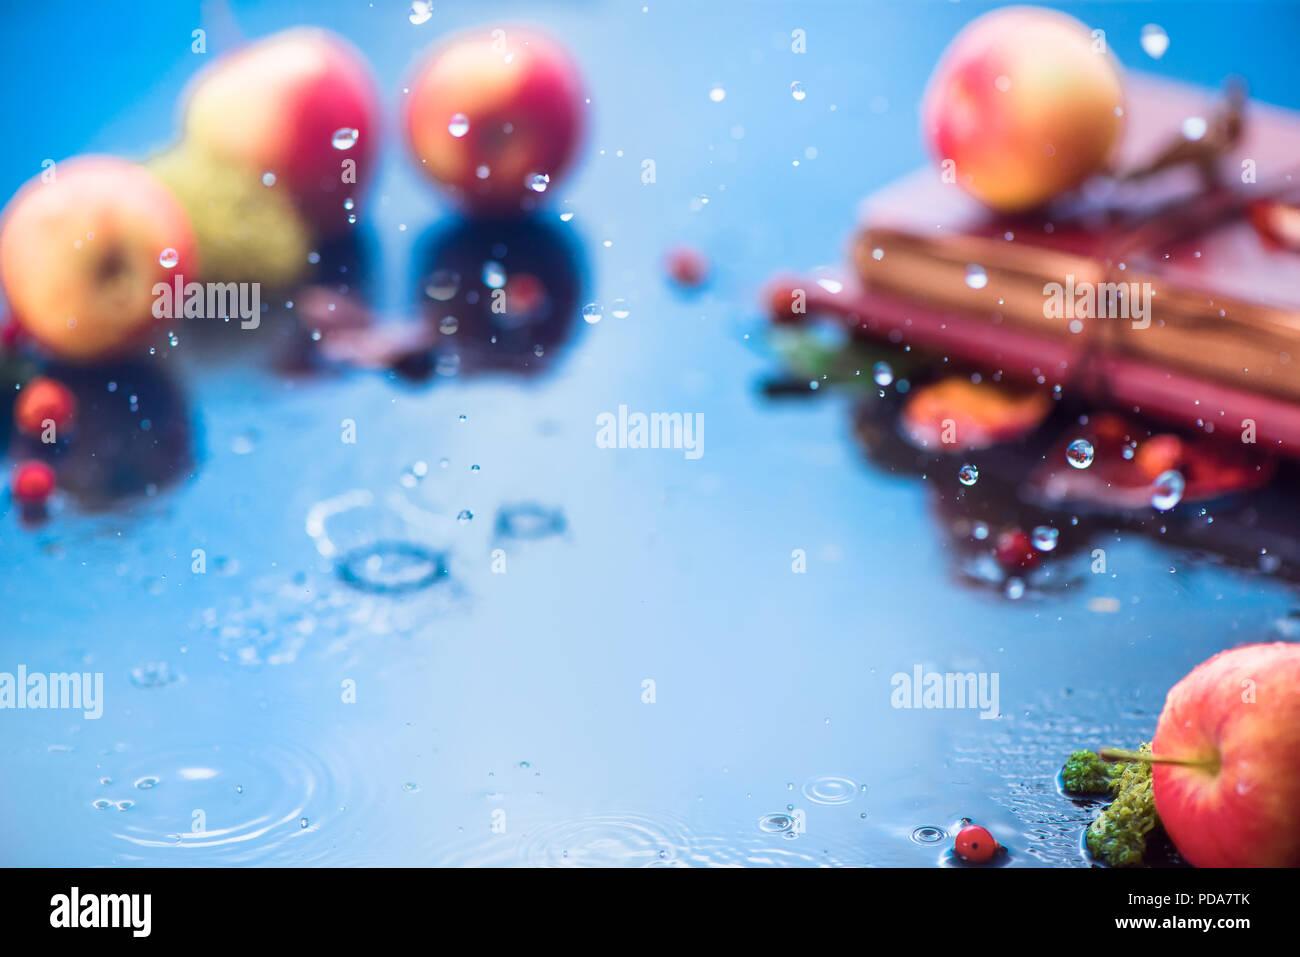 Autunno pioggia telaio con copia spazio. Le mele non focalizzato con gocce di acqua e posto per il testo. Fresca e ariosa Autumn harvest concept Immagini Stock